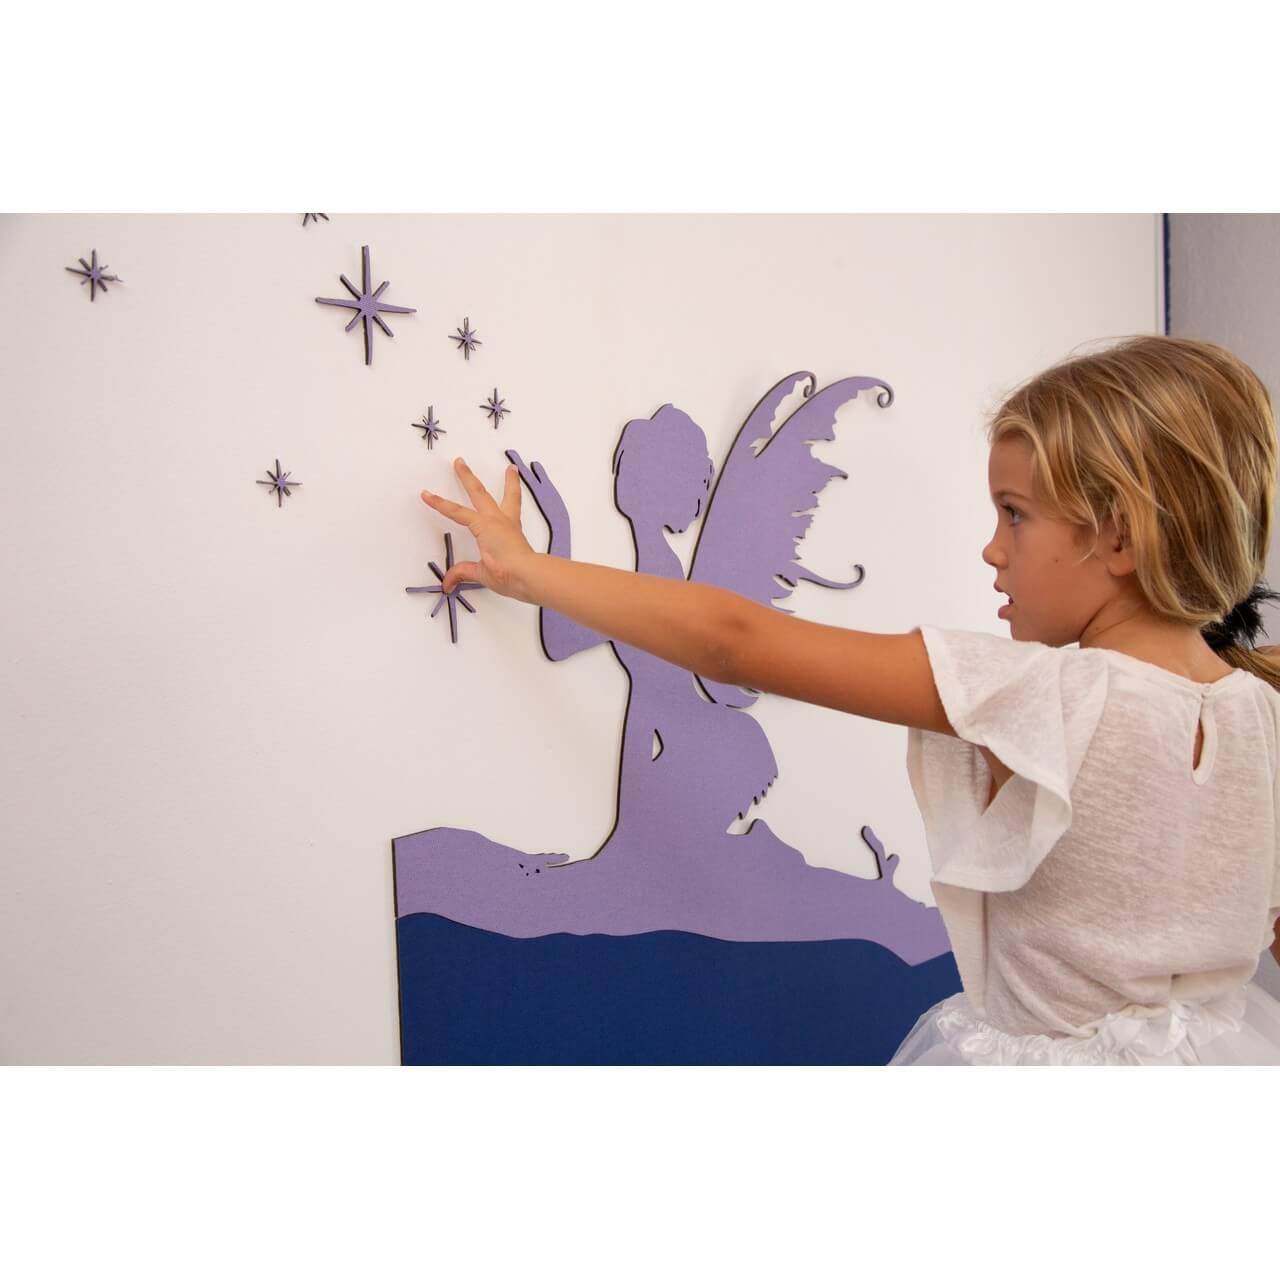 Quienes somos profesionales Lola Paris, nuestra historia especialistas en decoración mural